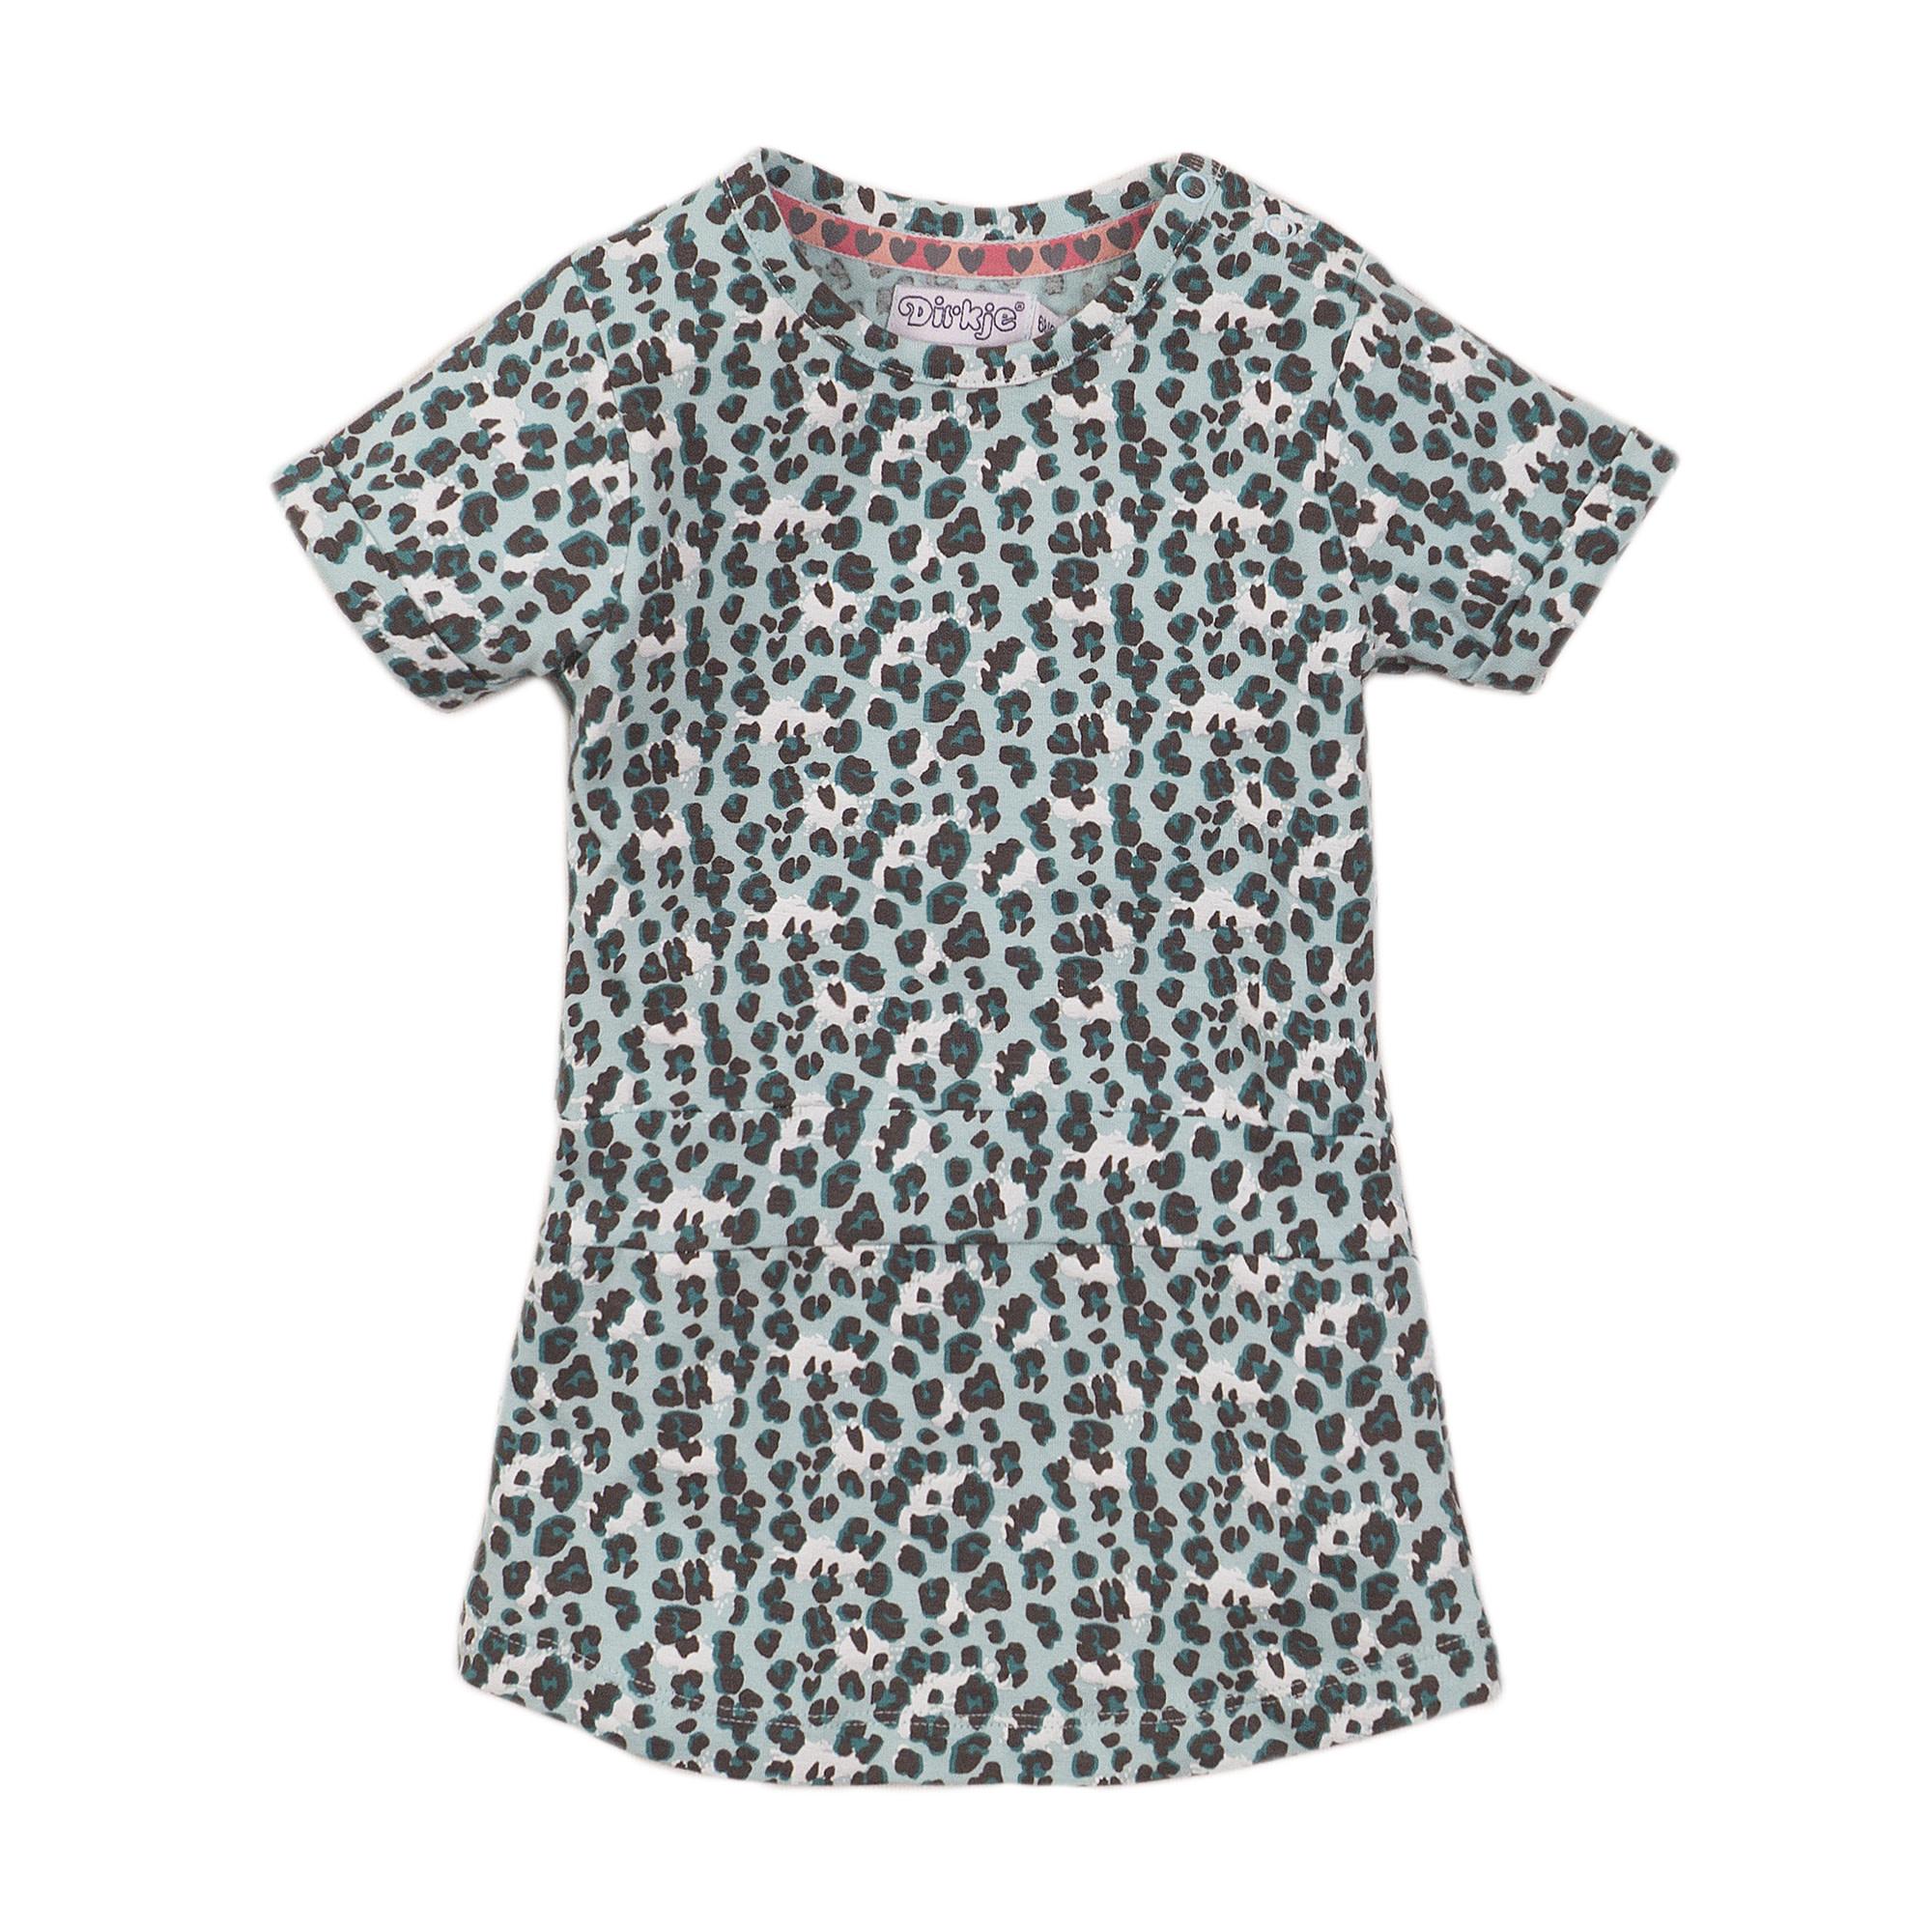 Teal Leopard Print Dress